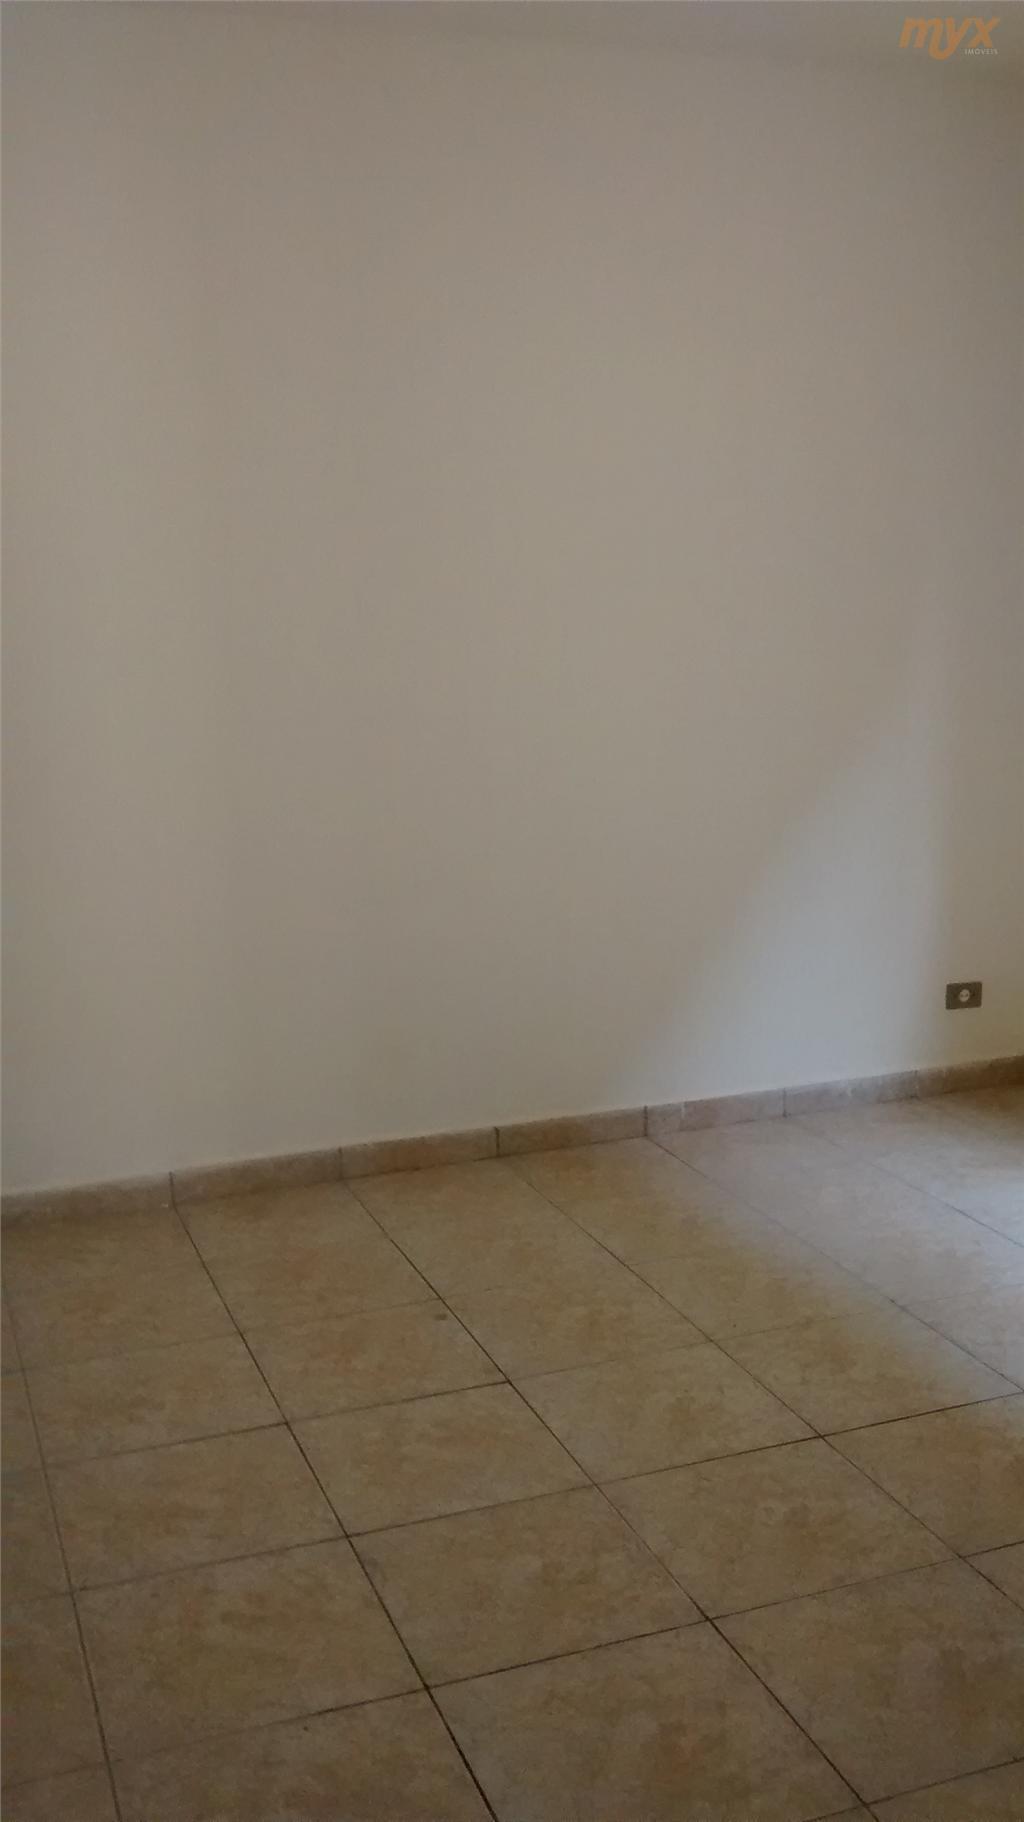 sobreposta baixa, 2 dormitórios, sala, cozinha, área de serviço e quintal, 1 vaga de garagem.documentacão okaceita...